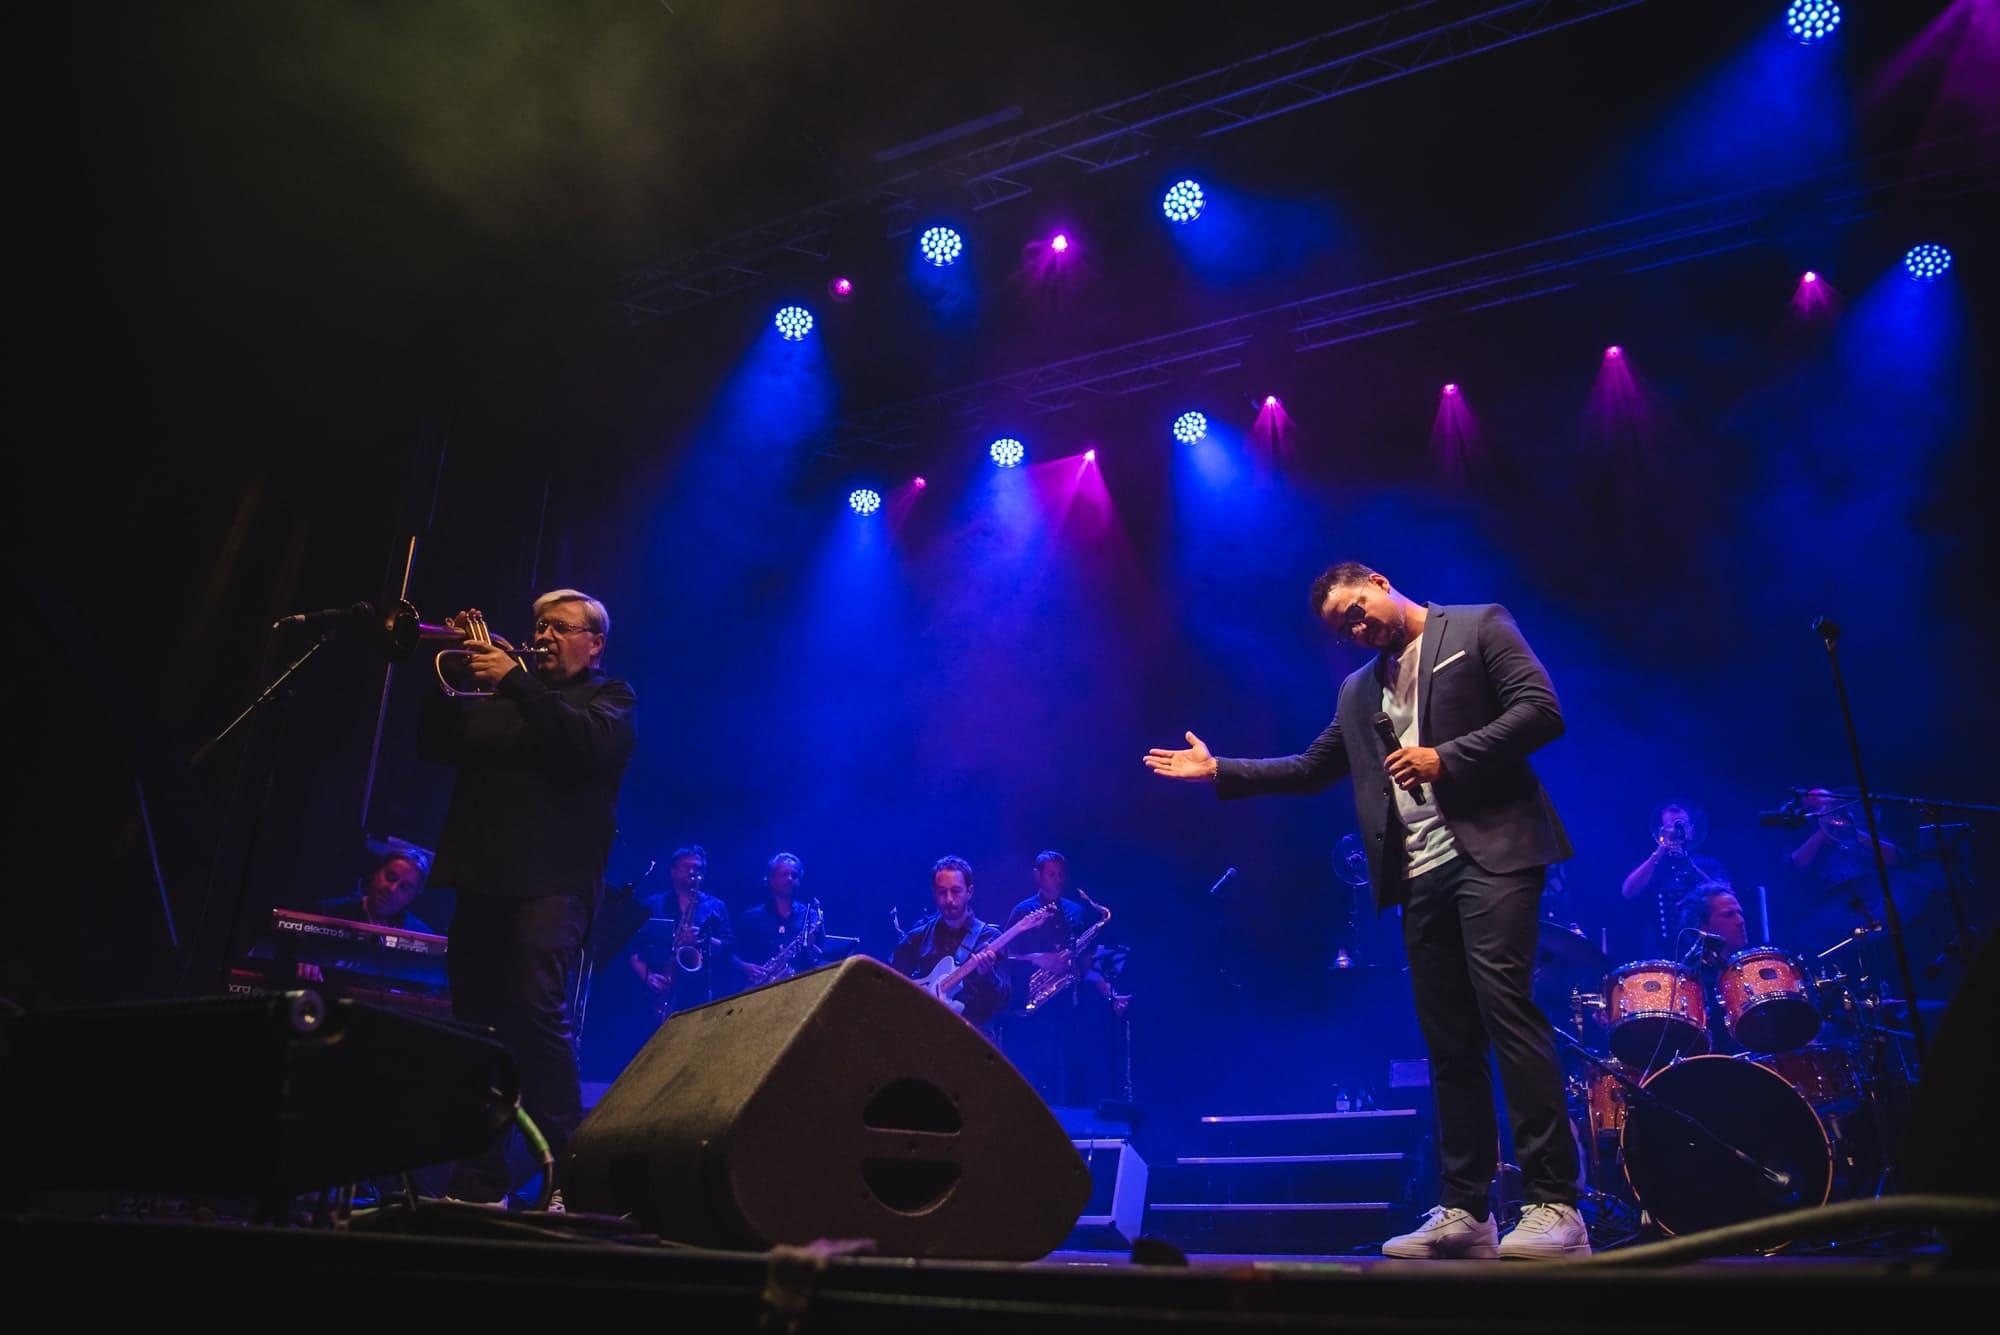 Ben et Big Band Brass au festival Music & Sea à Canet-en-Roussillon © Marie-Lise Modat